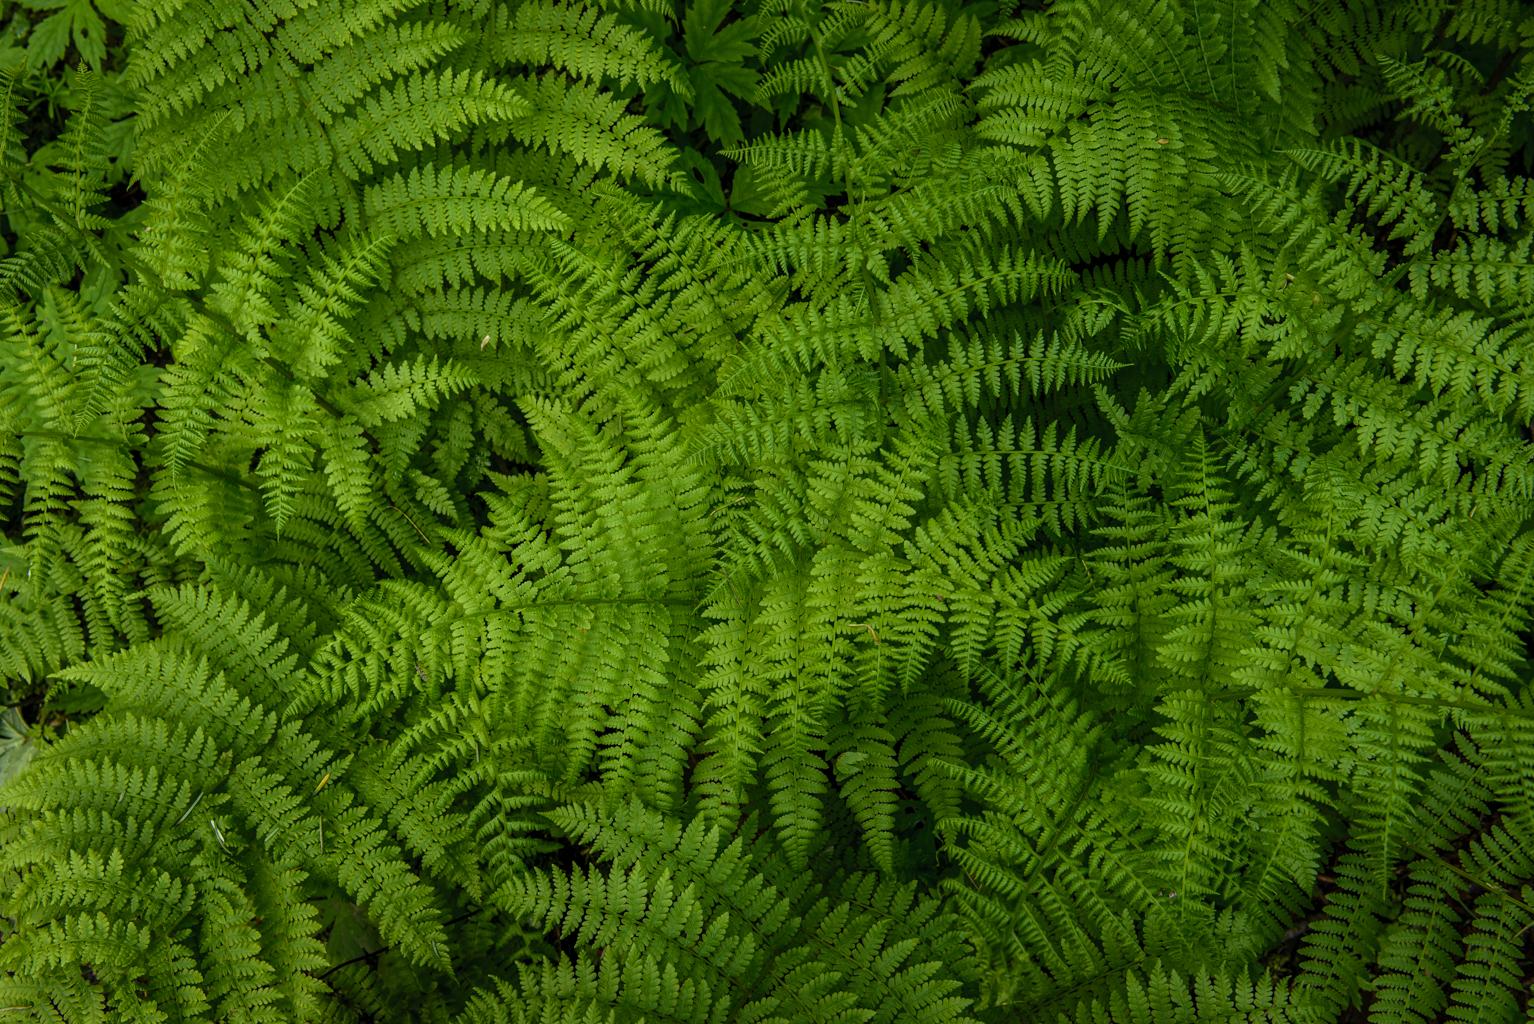 Spring Ferns II